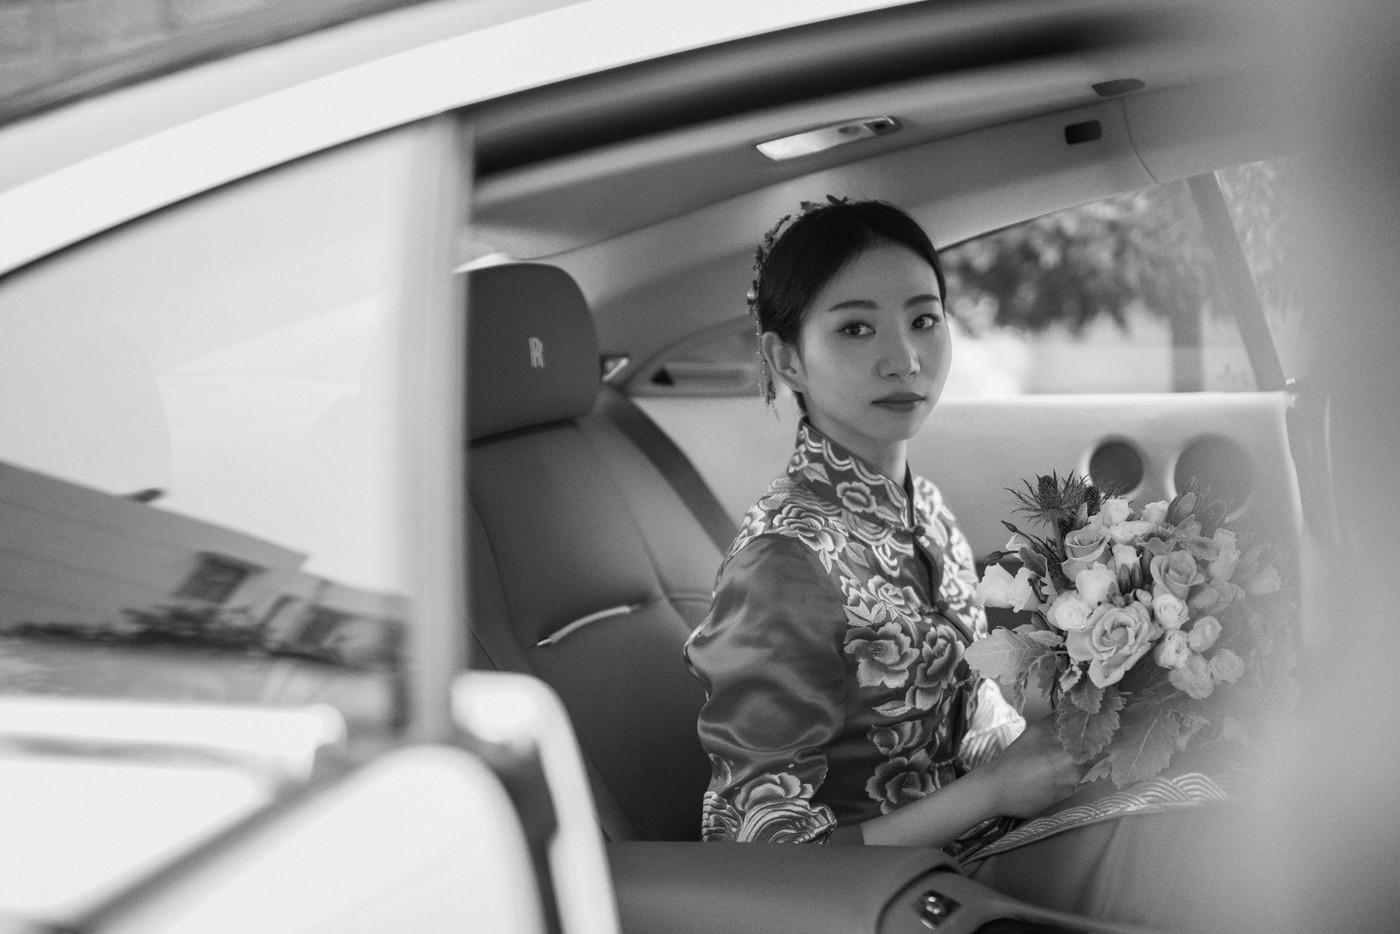 【KAI 婚礼纪实】P&S 南京婚礼30